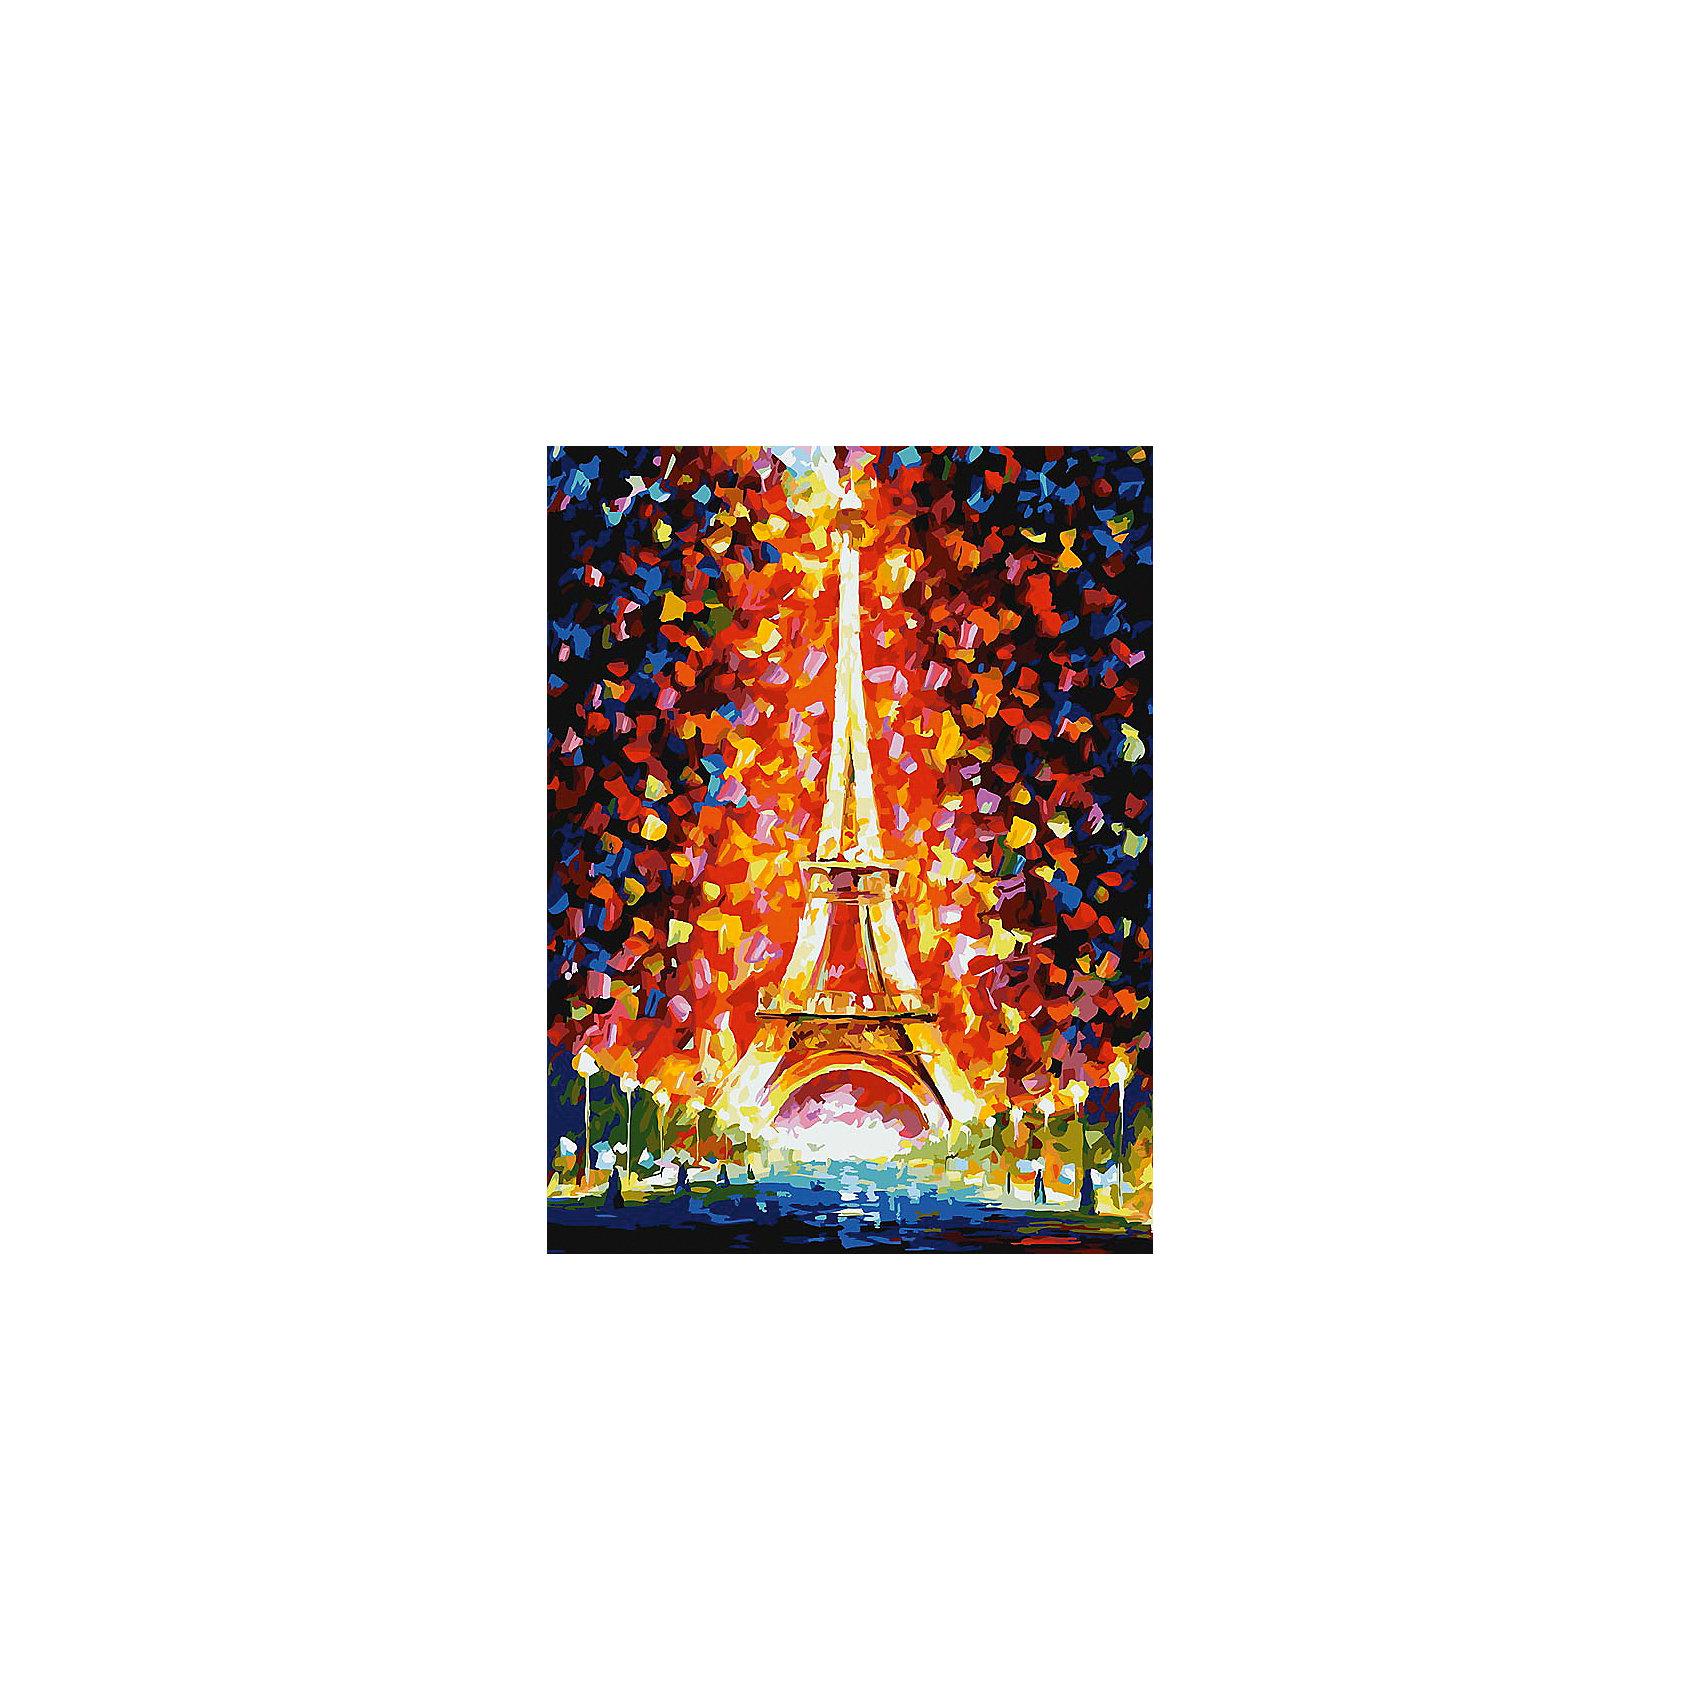 Белоснежка Живопись на картоне Париж - огни Эйфелевой башни 30*40 см